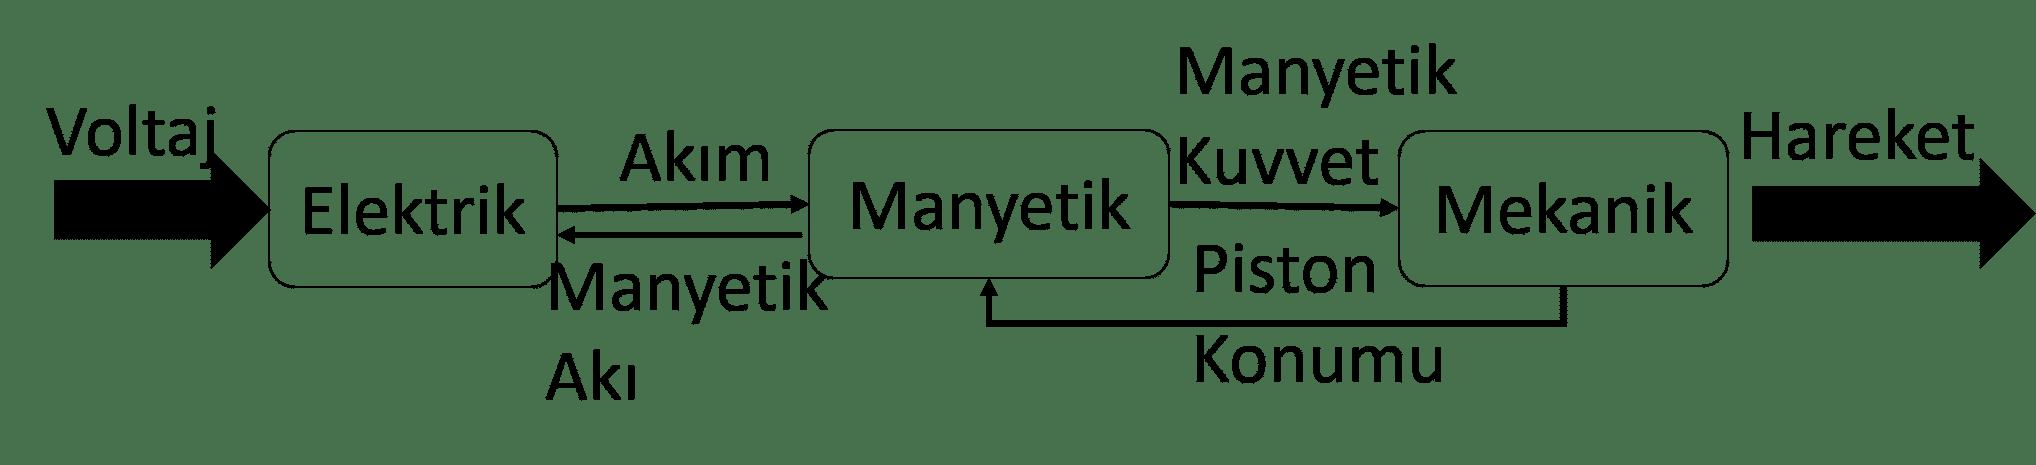 Solenoid eyleyicilerin ve valflerin çalışma prensiplerinin modellenmesi